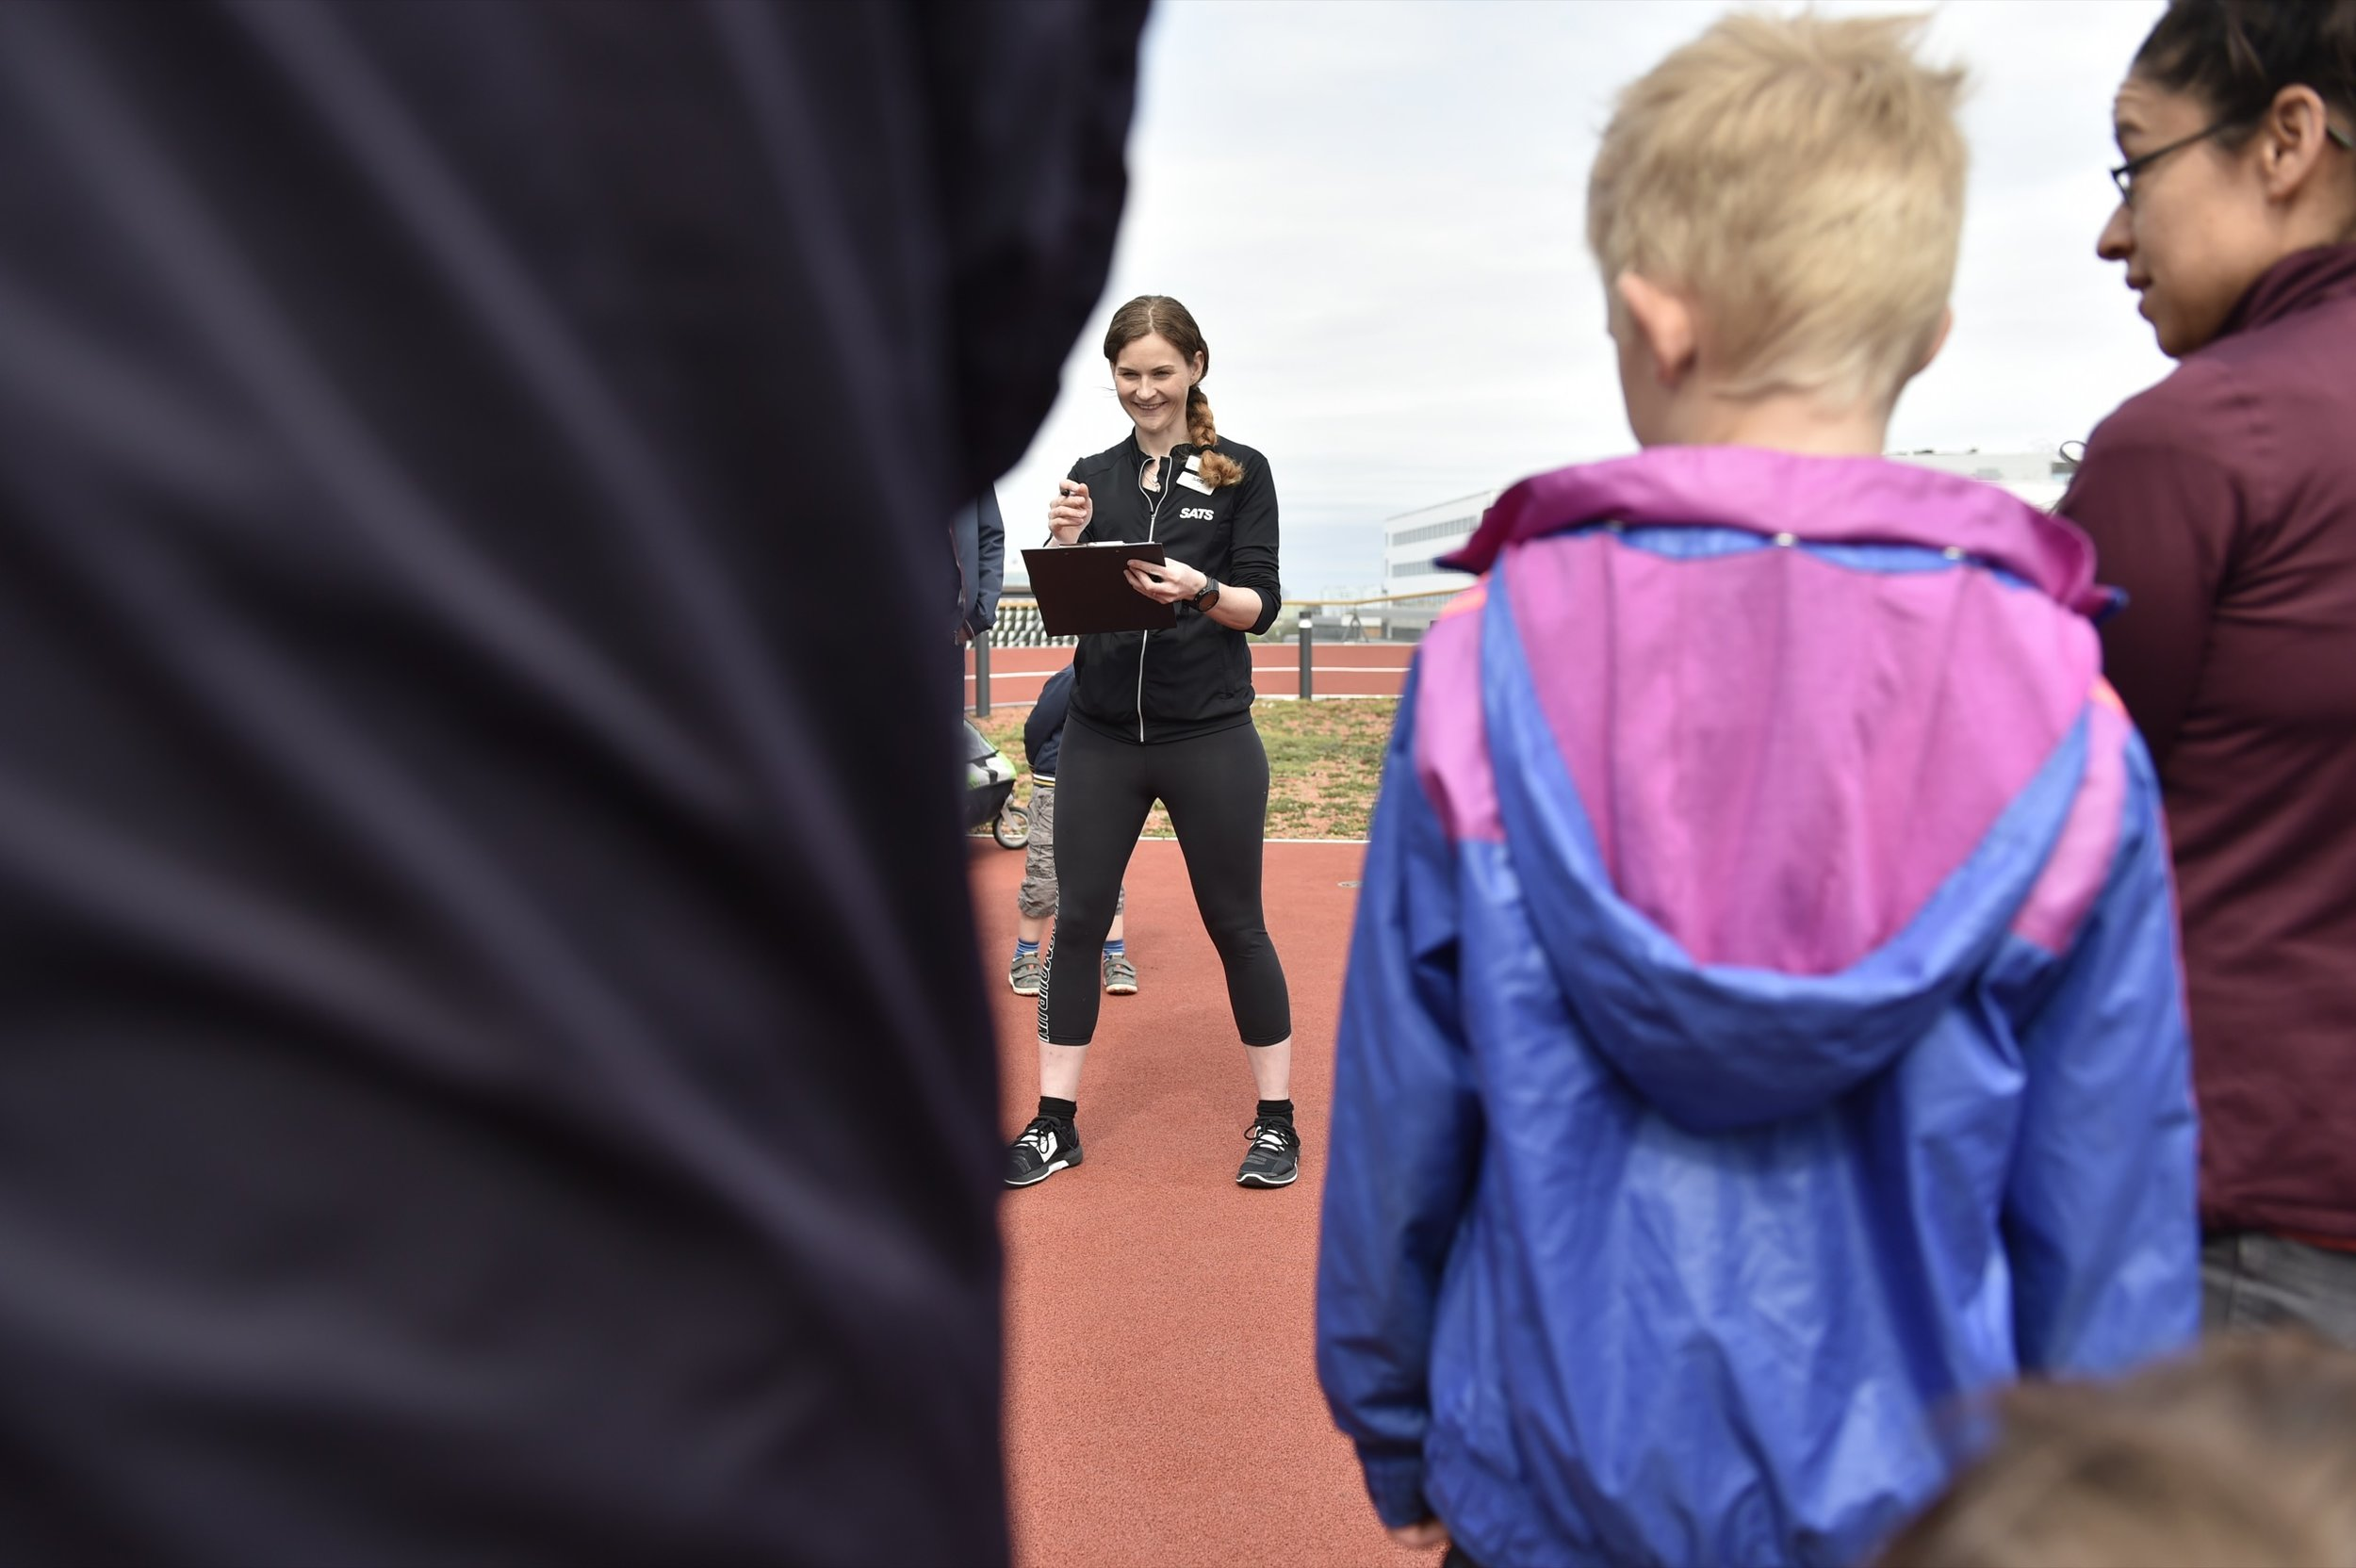 Marie på SATS bockar av deltagare. Foto: Mikael Sjöberg